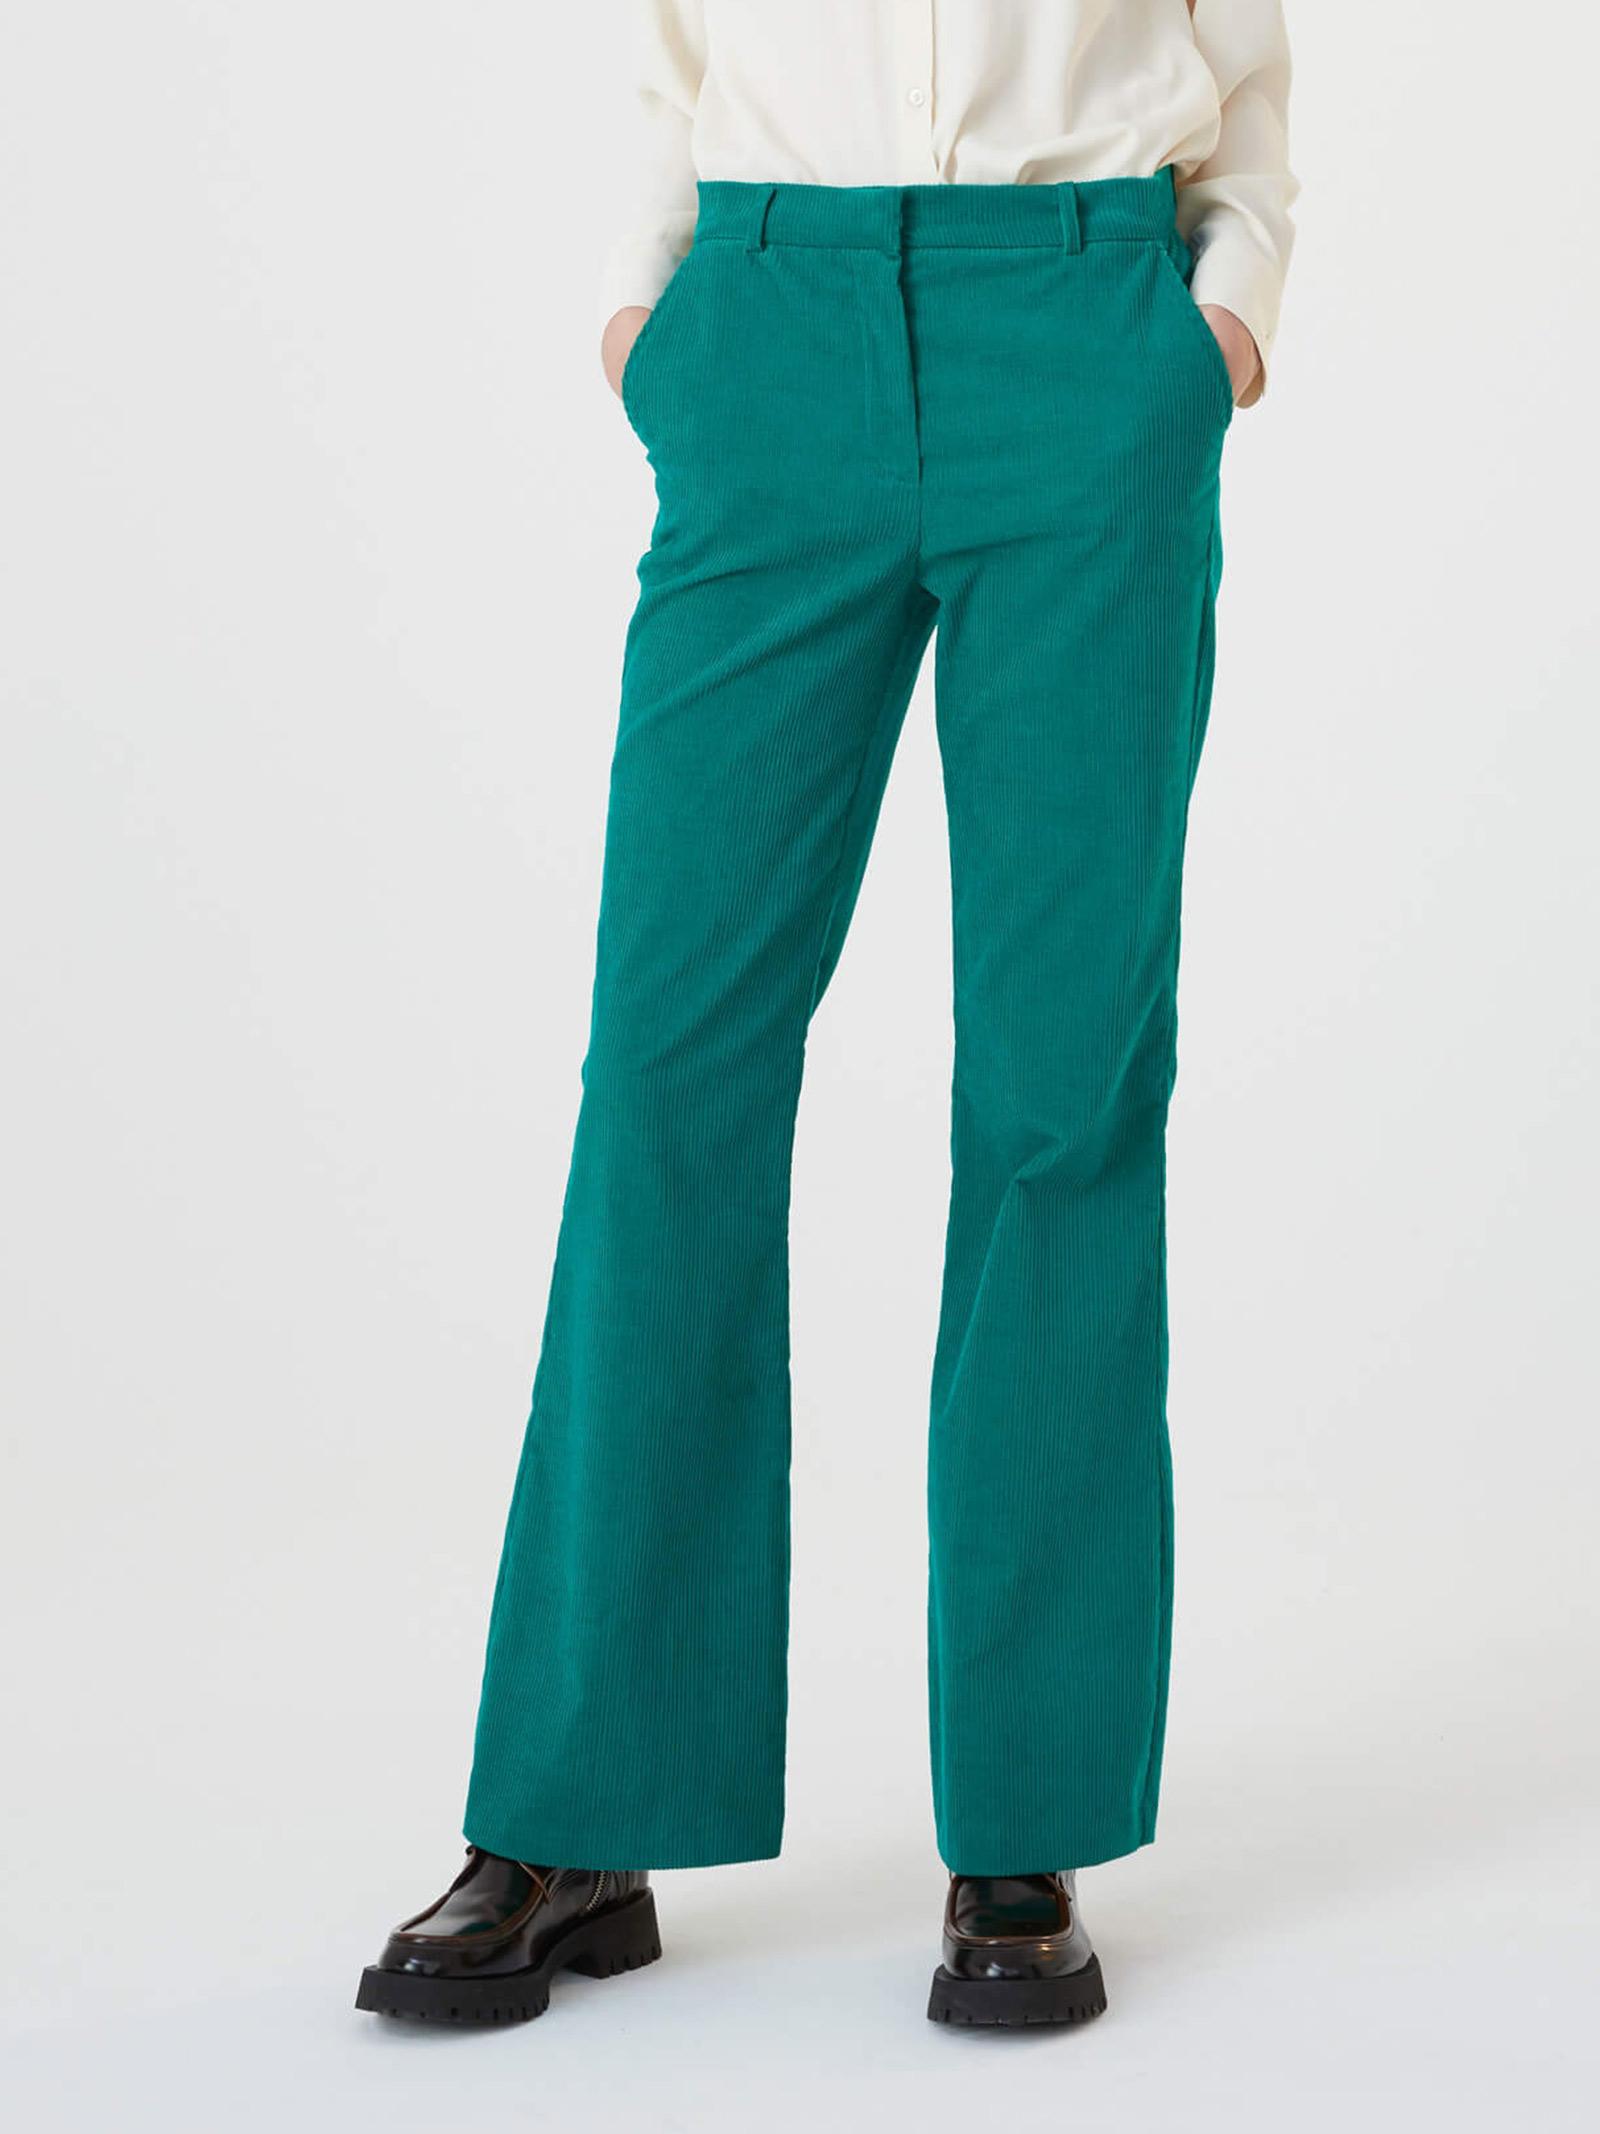 Pantalone Burton velvet SFIZIO | Pantaloni | 21FA1527BURTON740